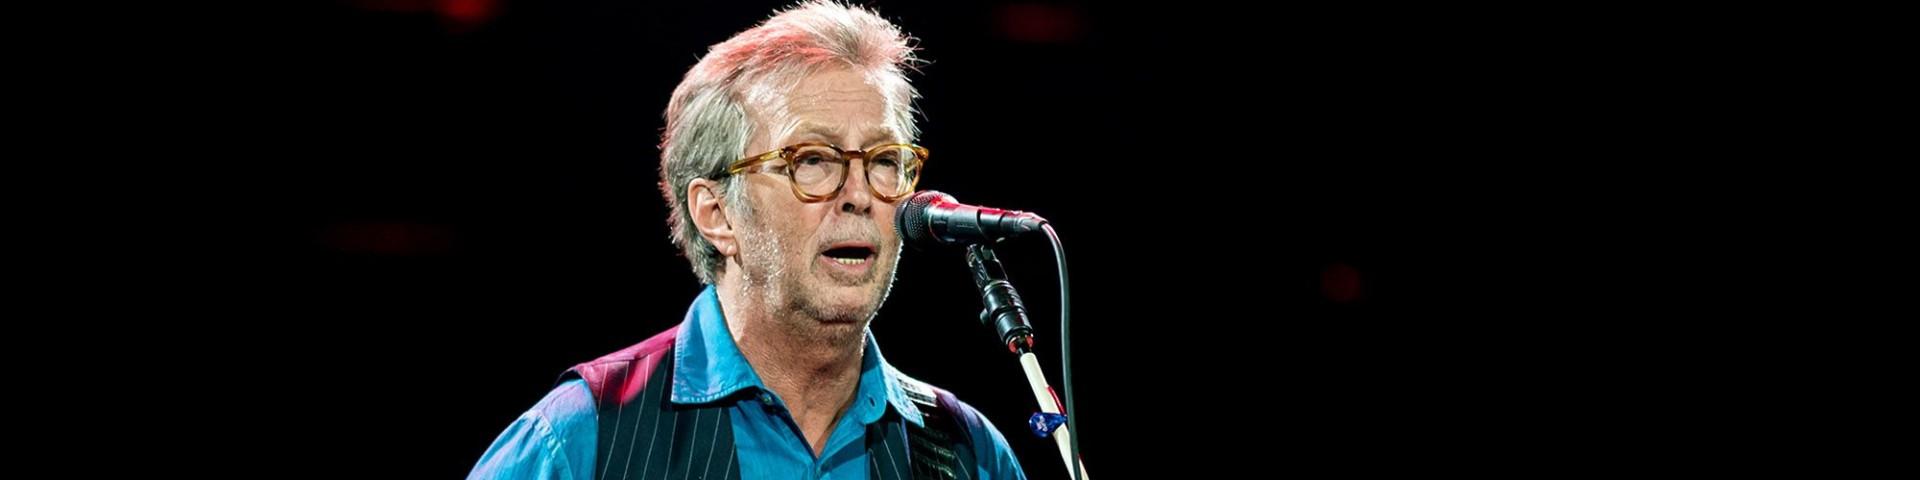 Eric Clapton a Casalecchio Di Reno – 8/06